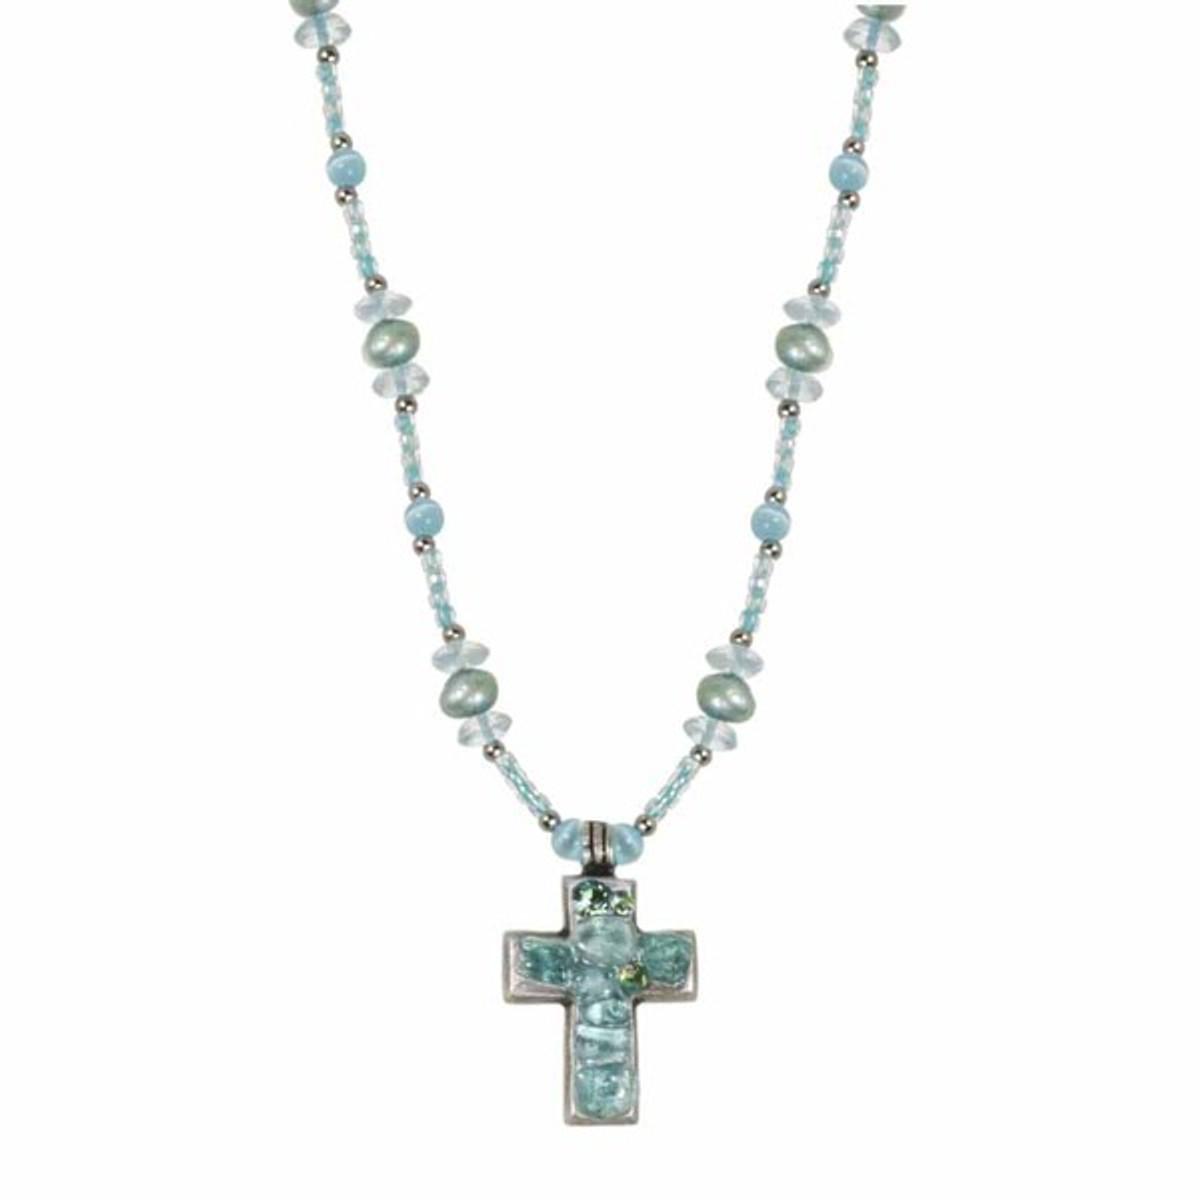 Small Aqua Cross Necklace